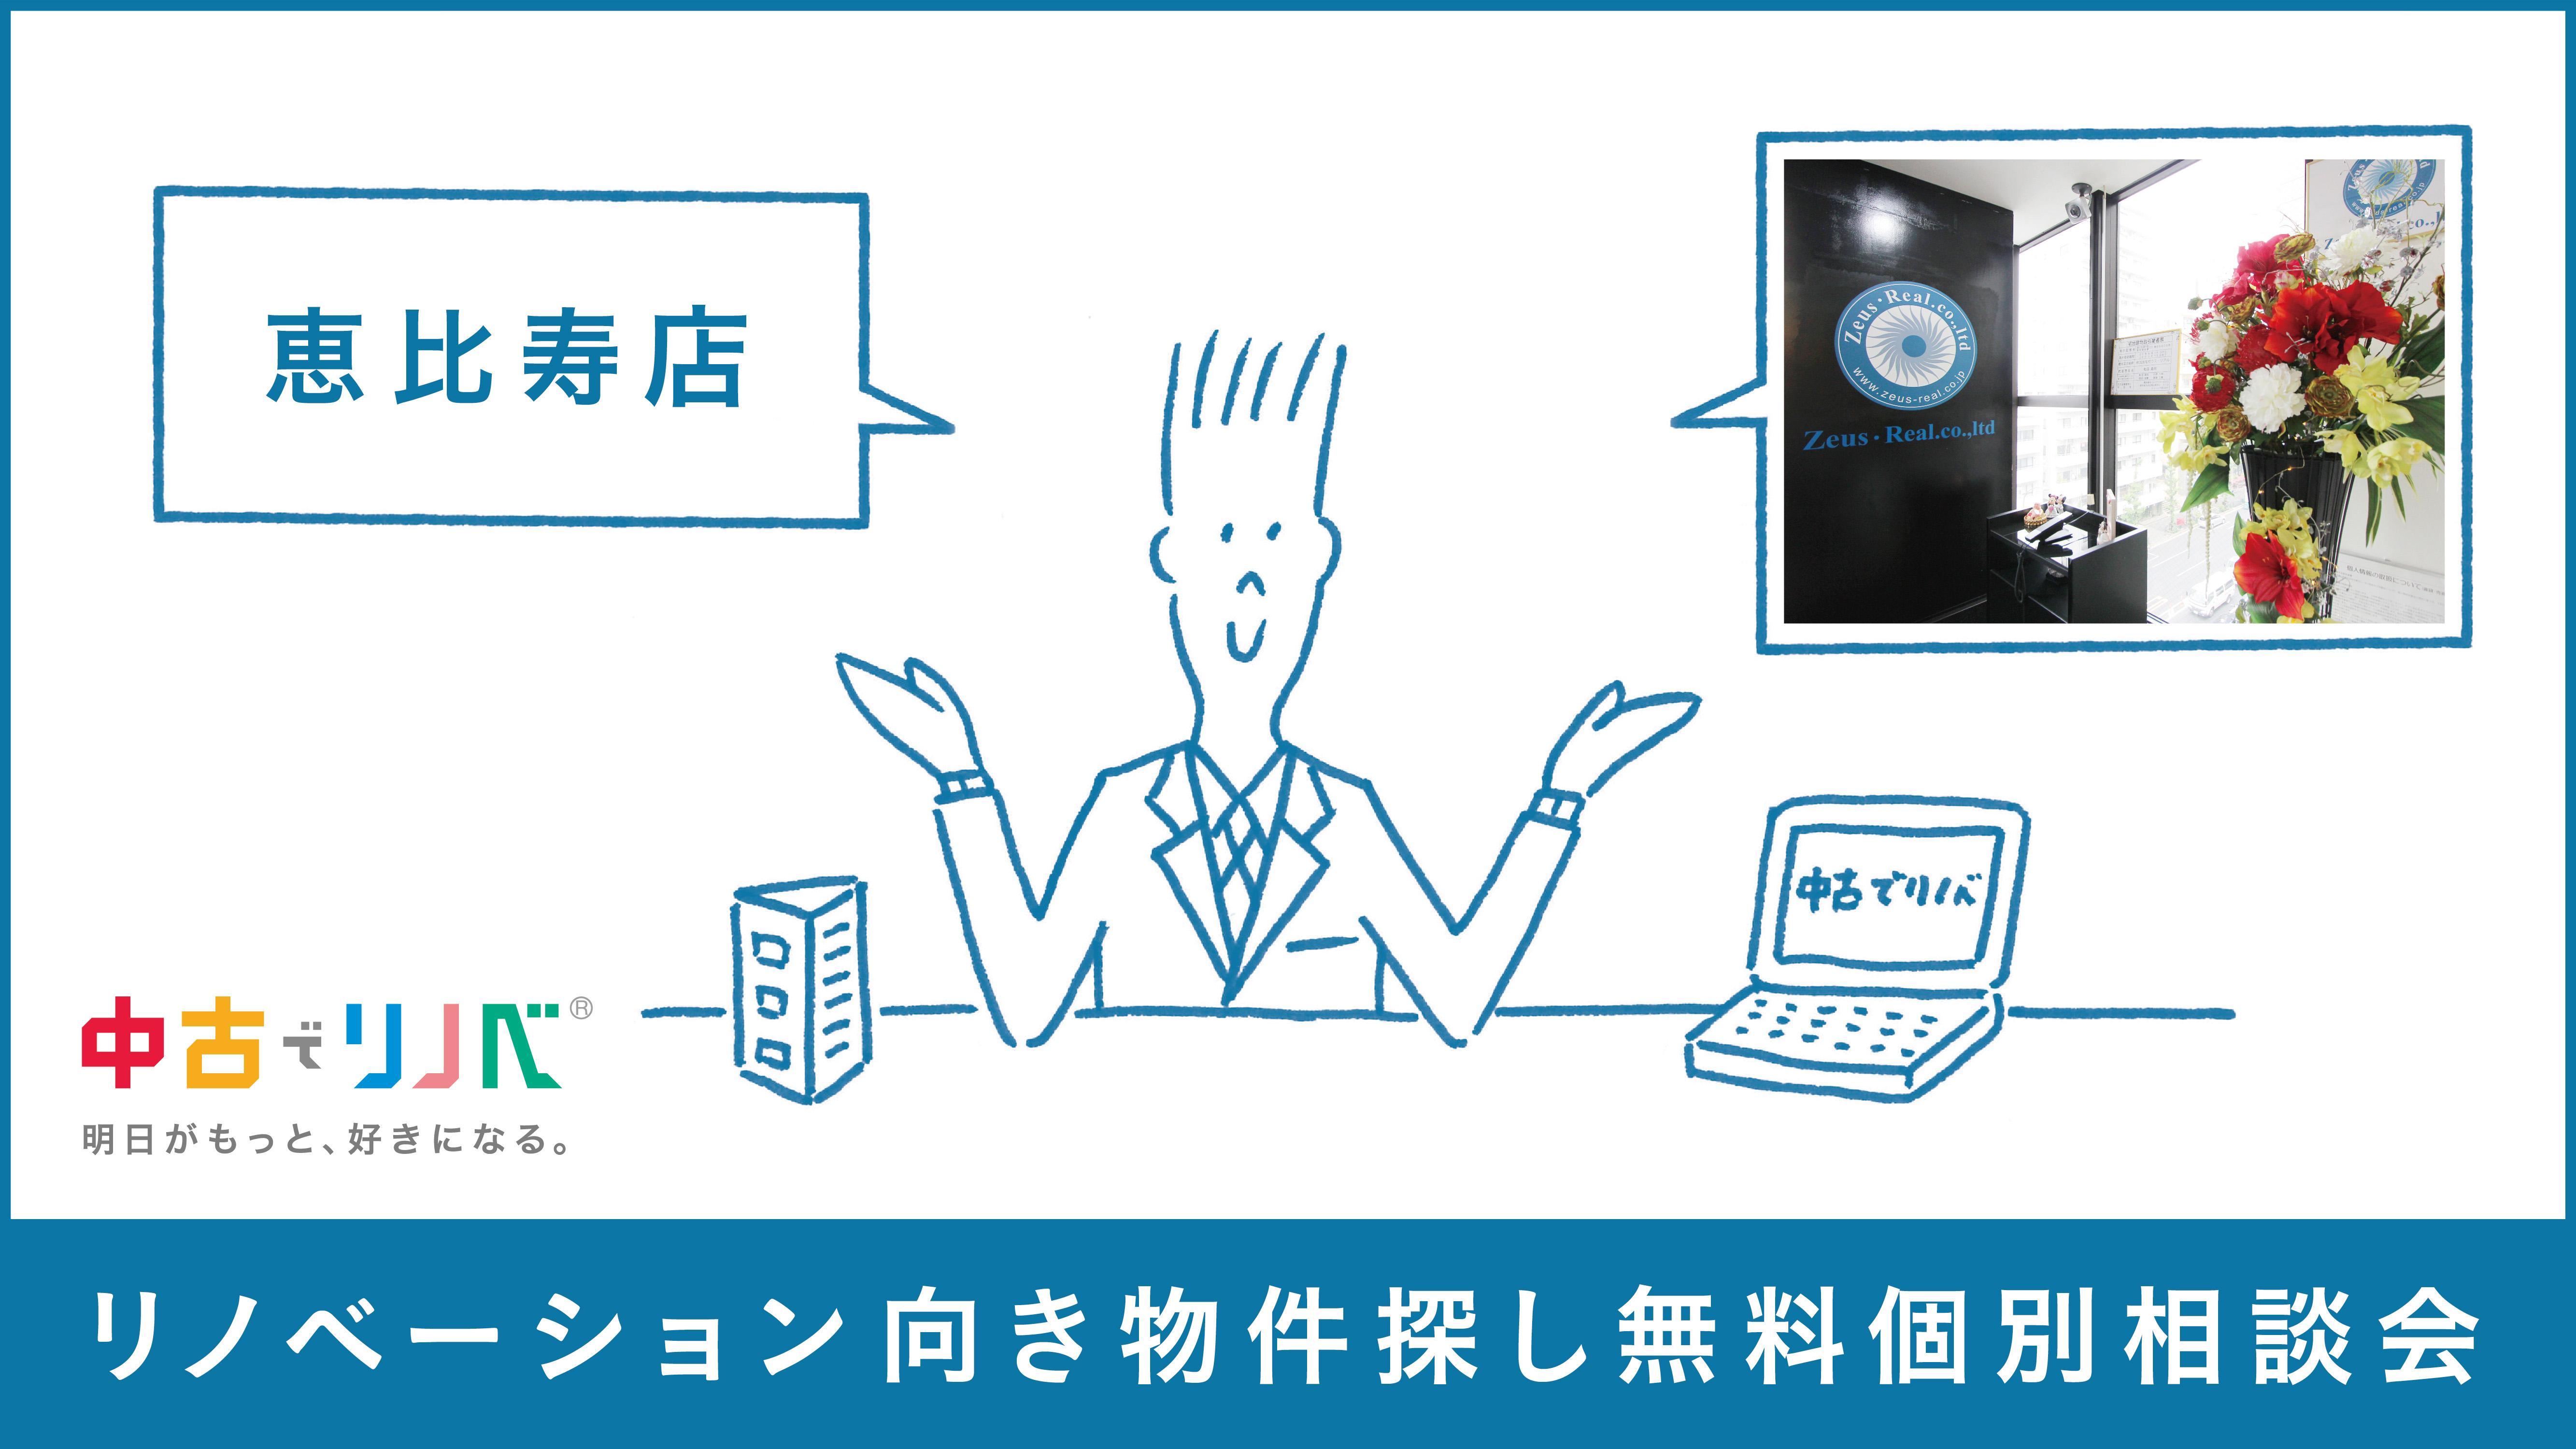 【2/10(土)11(日)12(月・祝) in恵比寿】リノベーション向き物件探し無料個別相談会